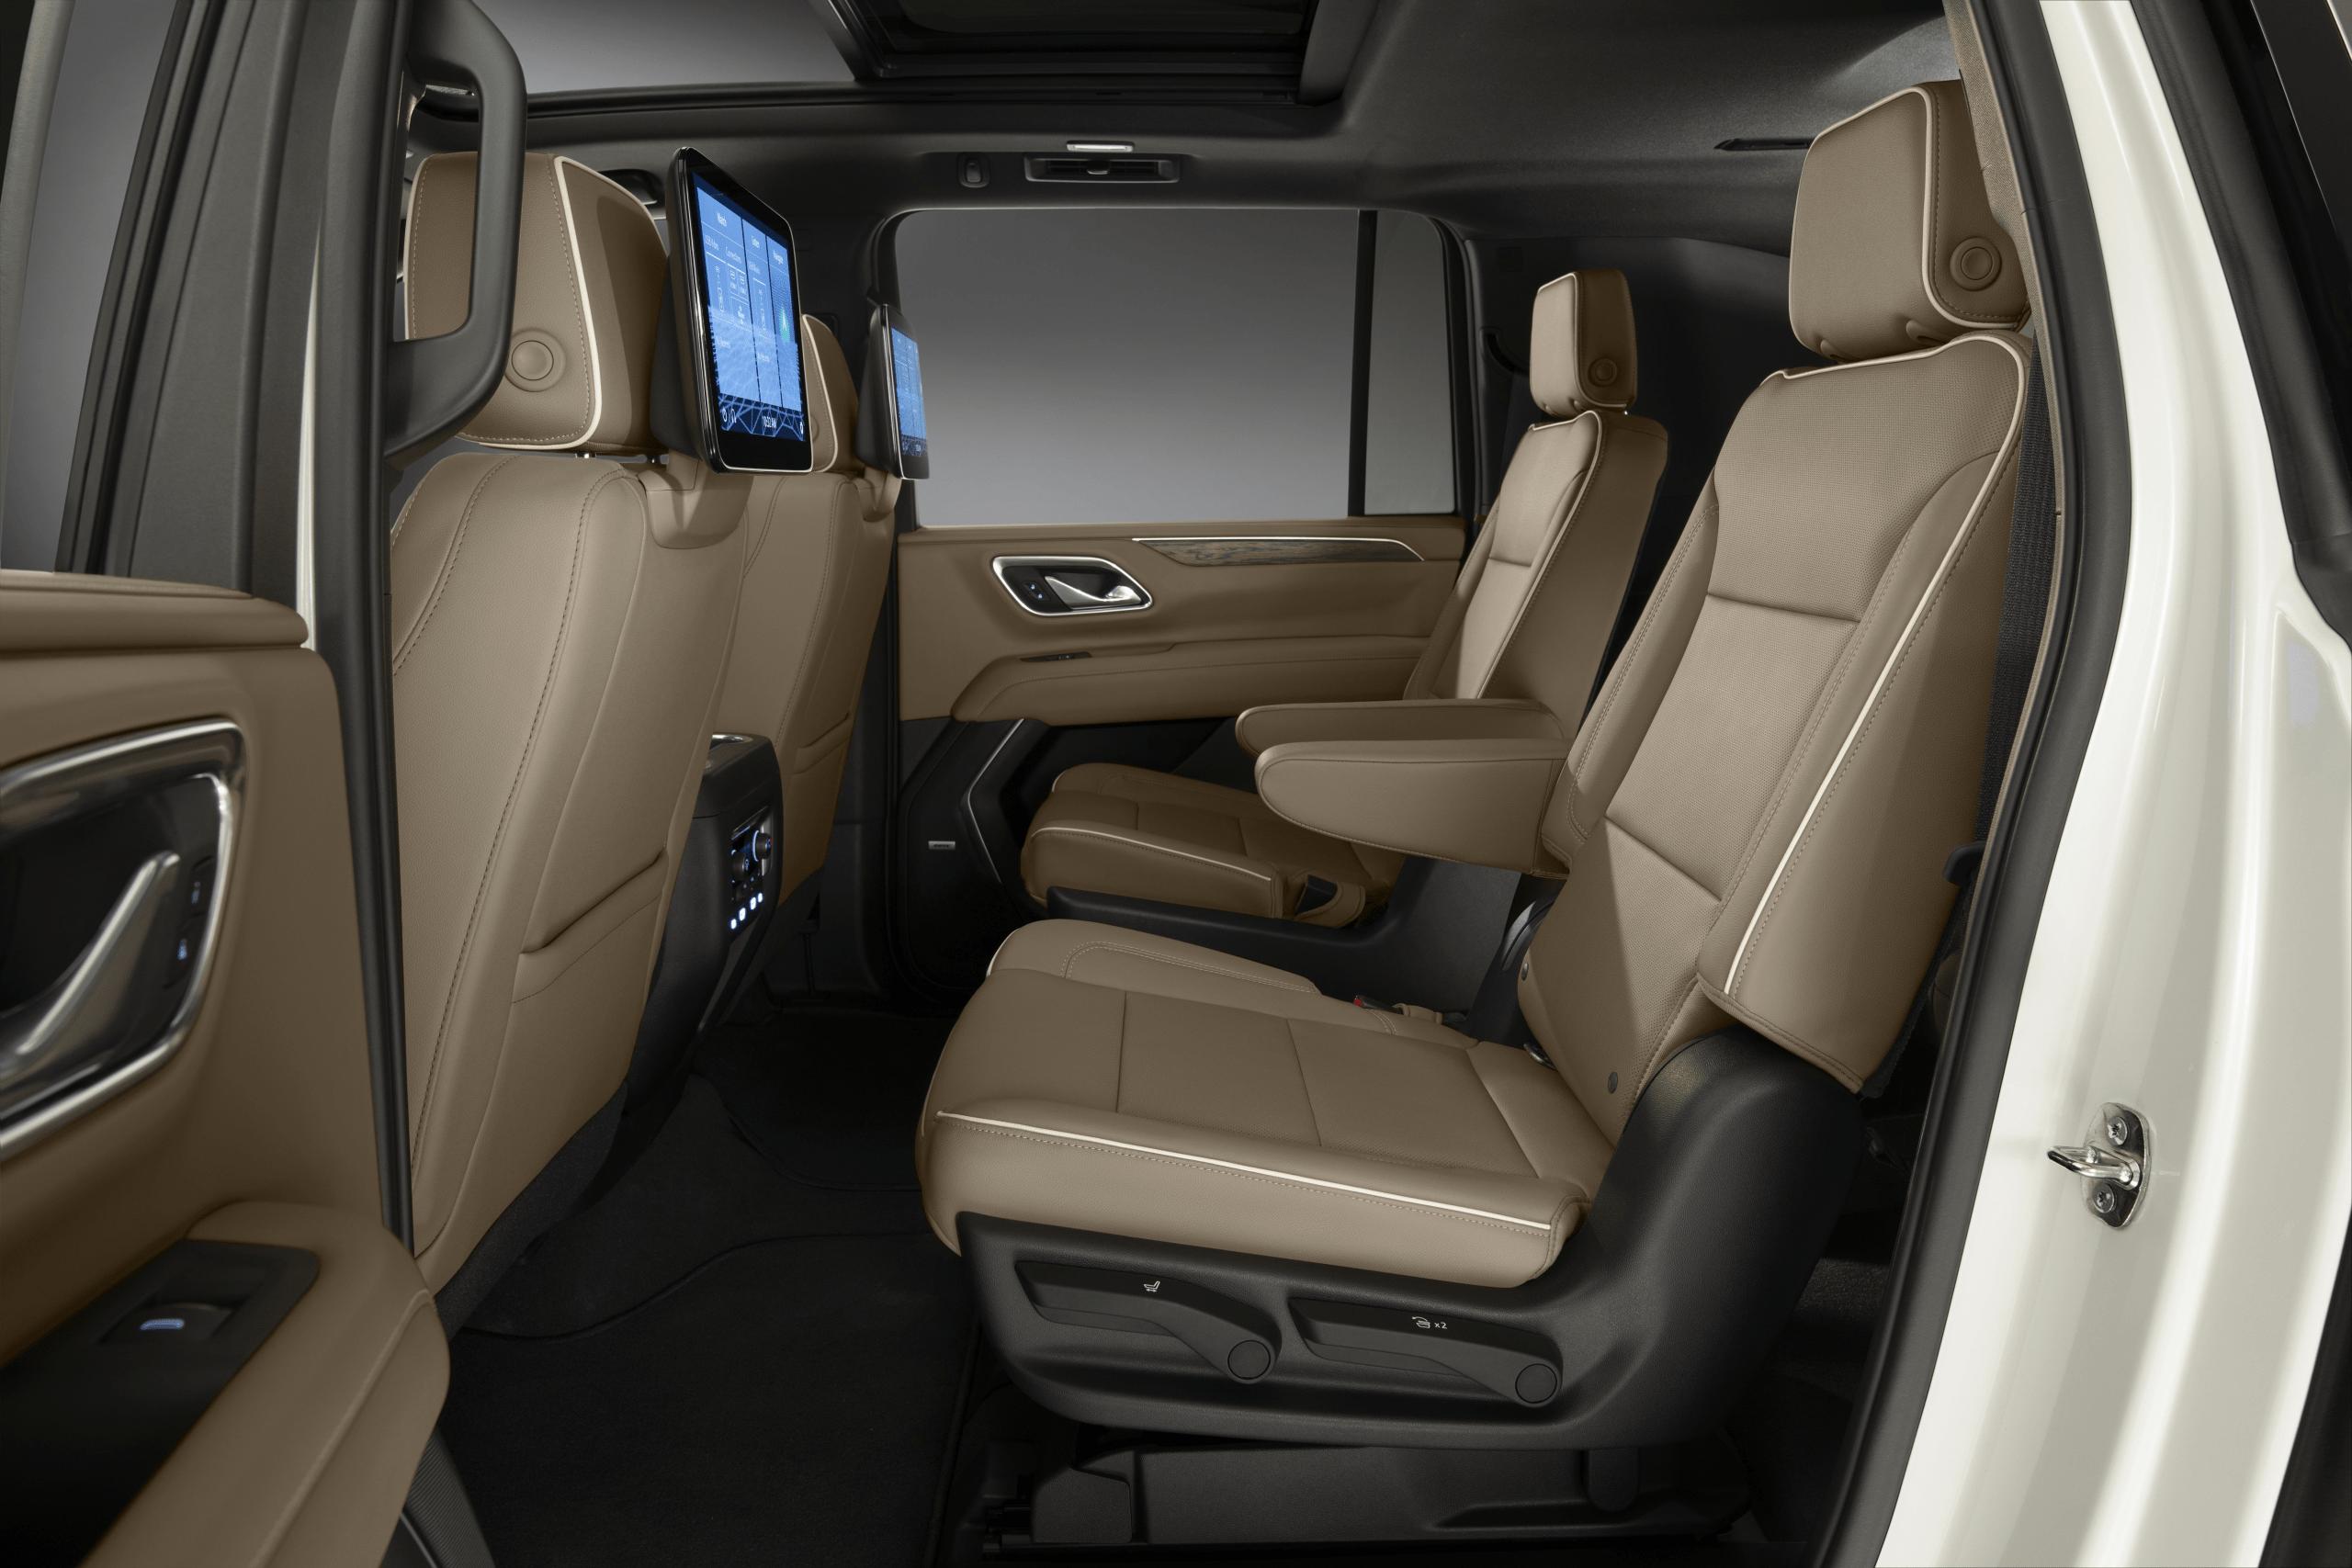 2021 Chevrolet Cruze Price In 2020 Chevrolet Cruze Chevrolet Suburban Cruze